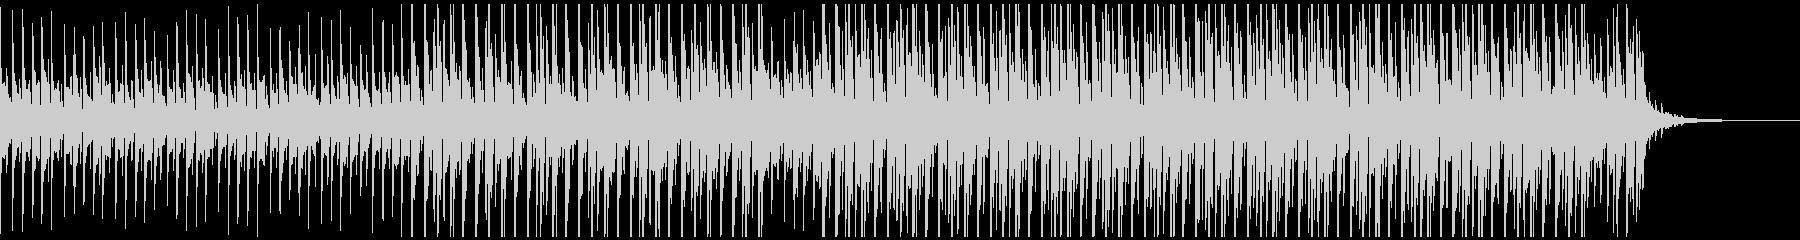 パーティーポップ(ショート)の未再生の波形